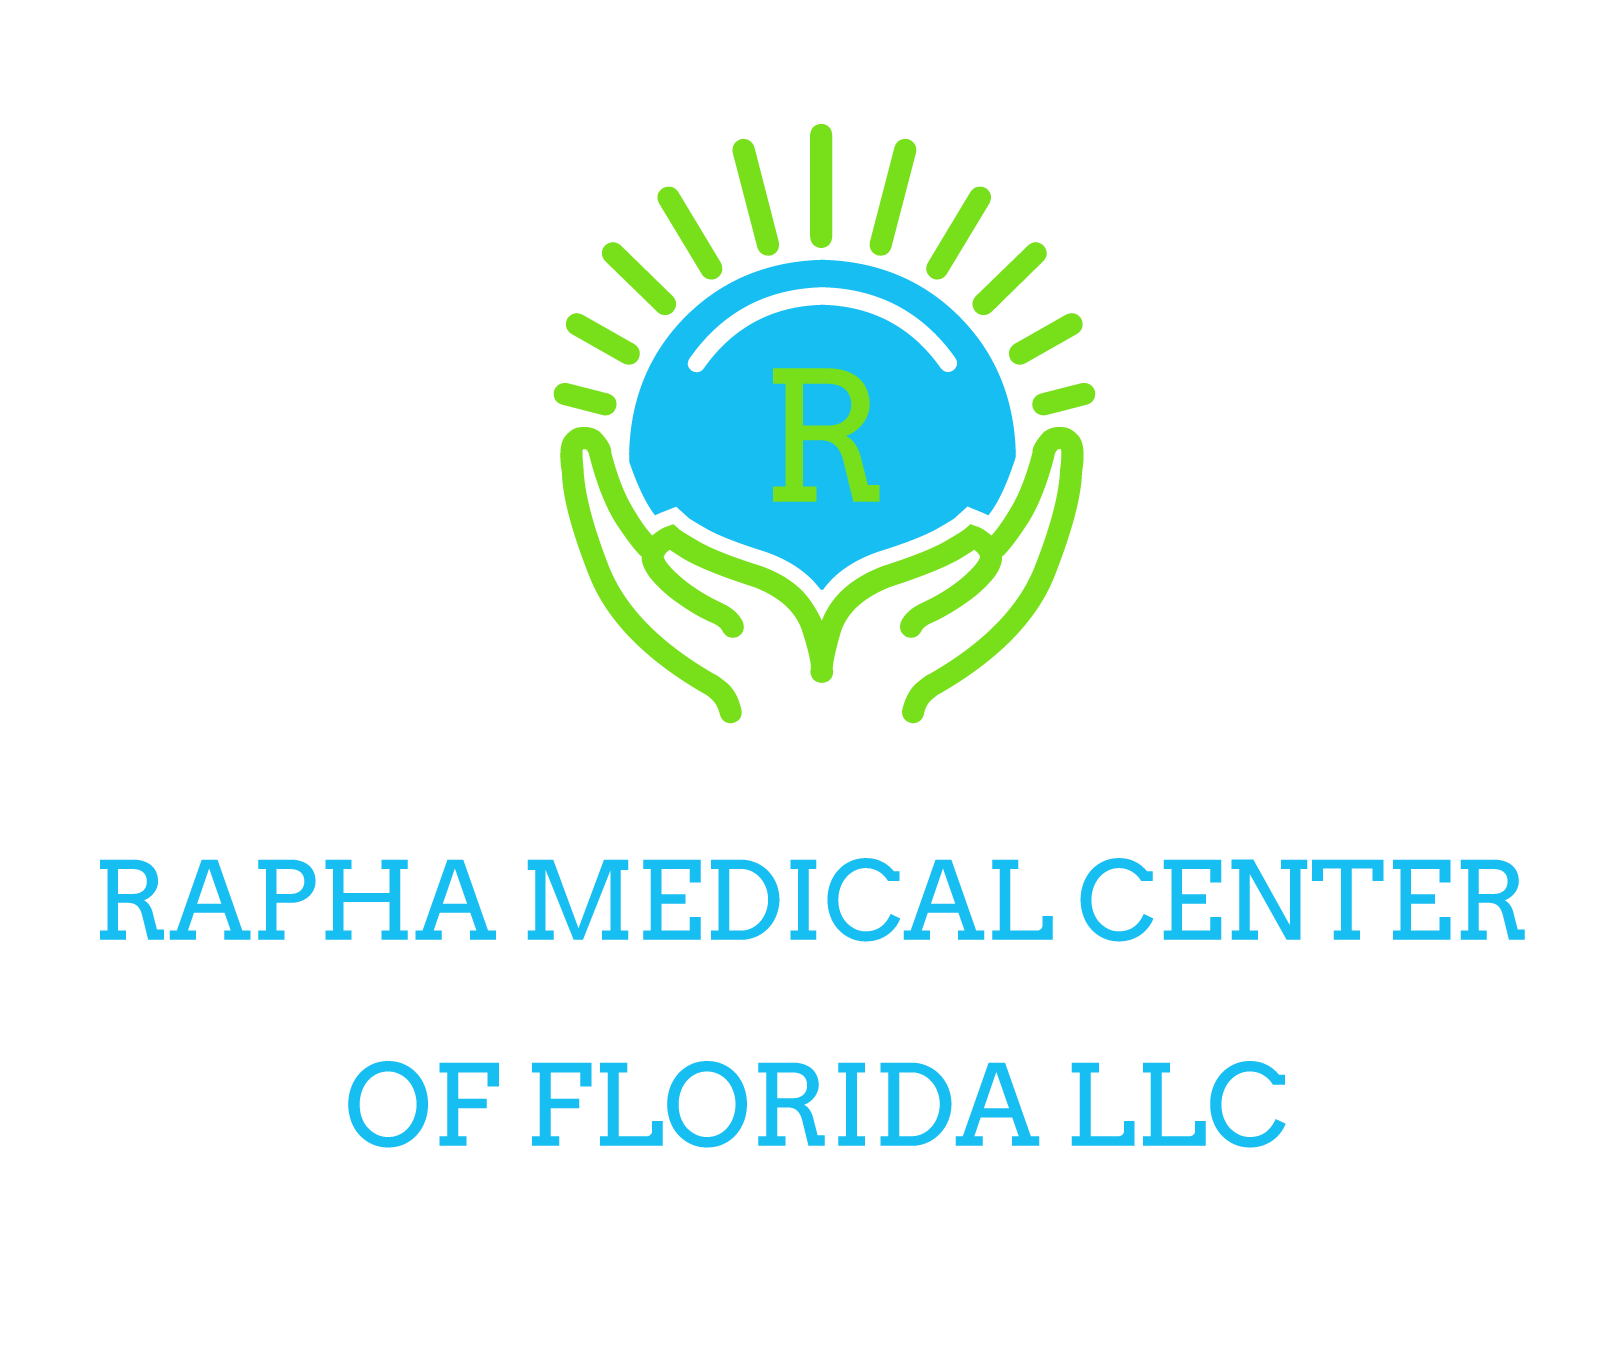 Rapha Medical Center